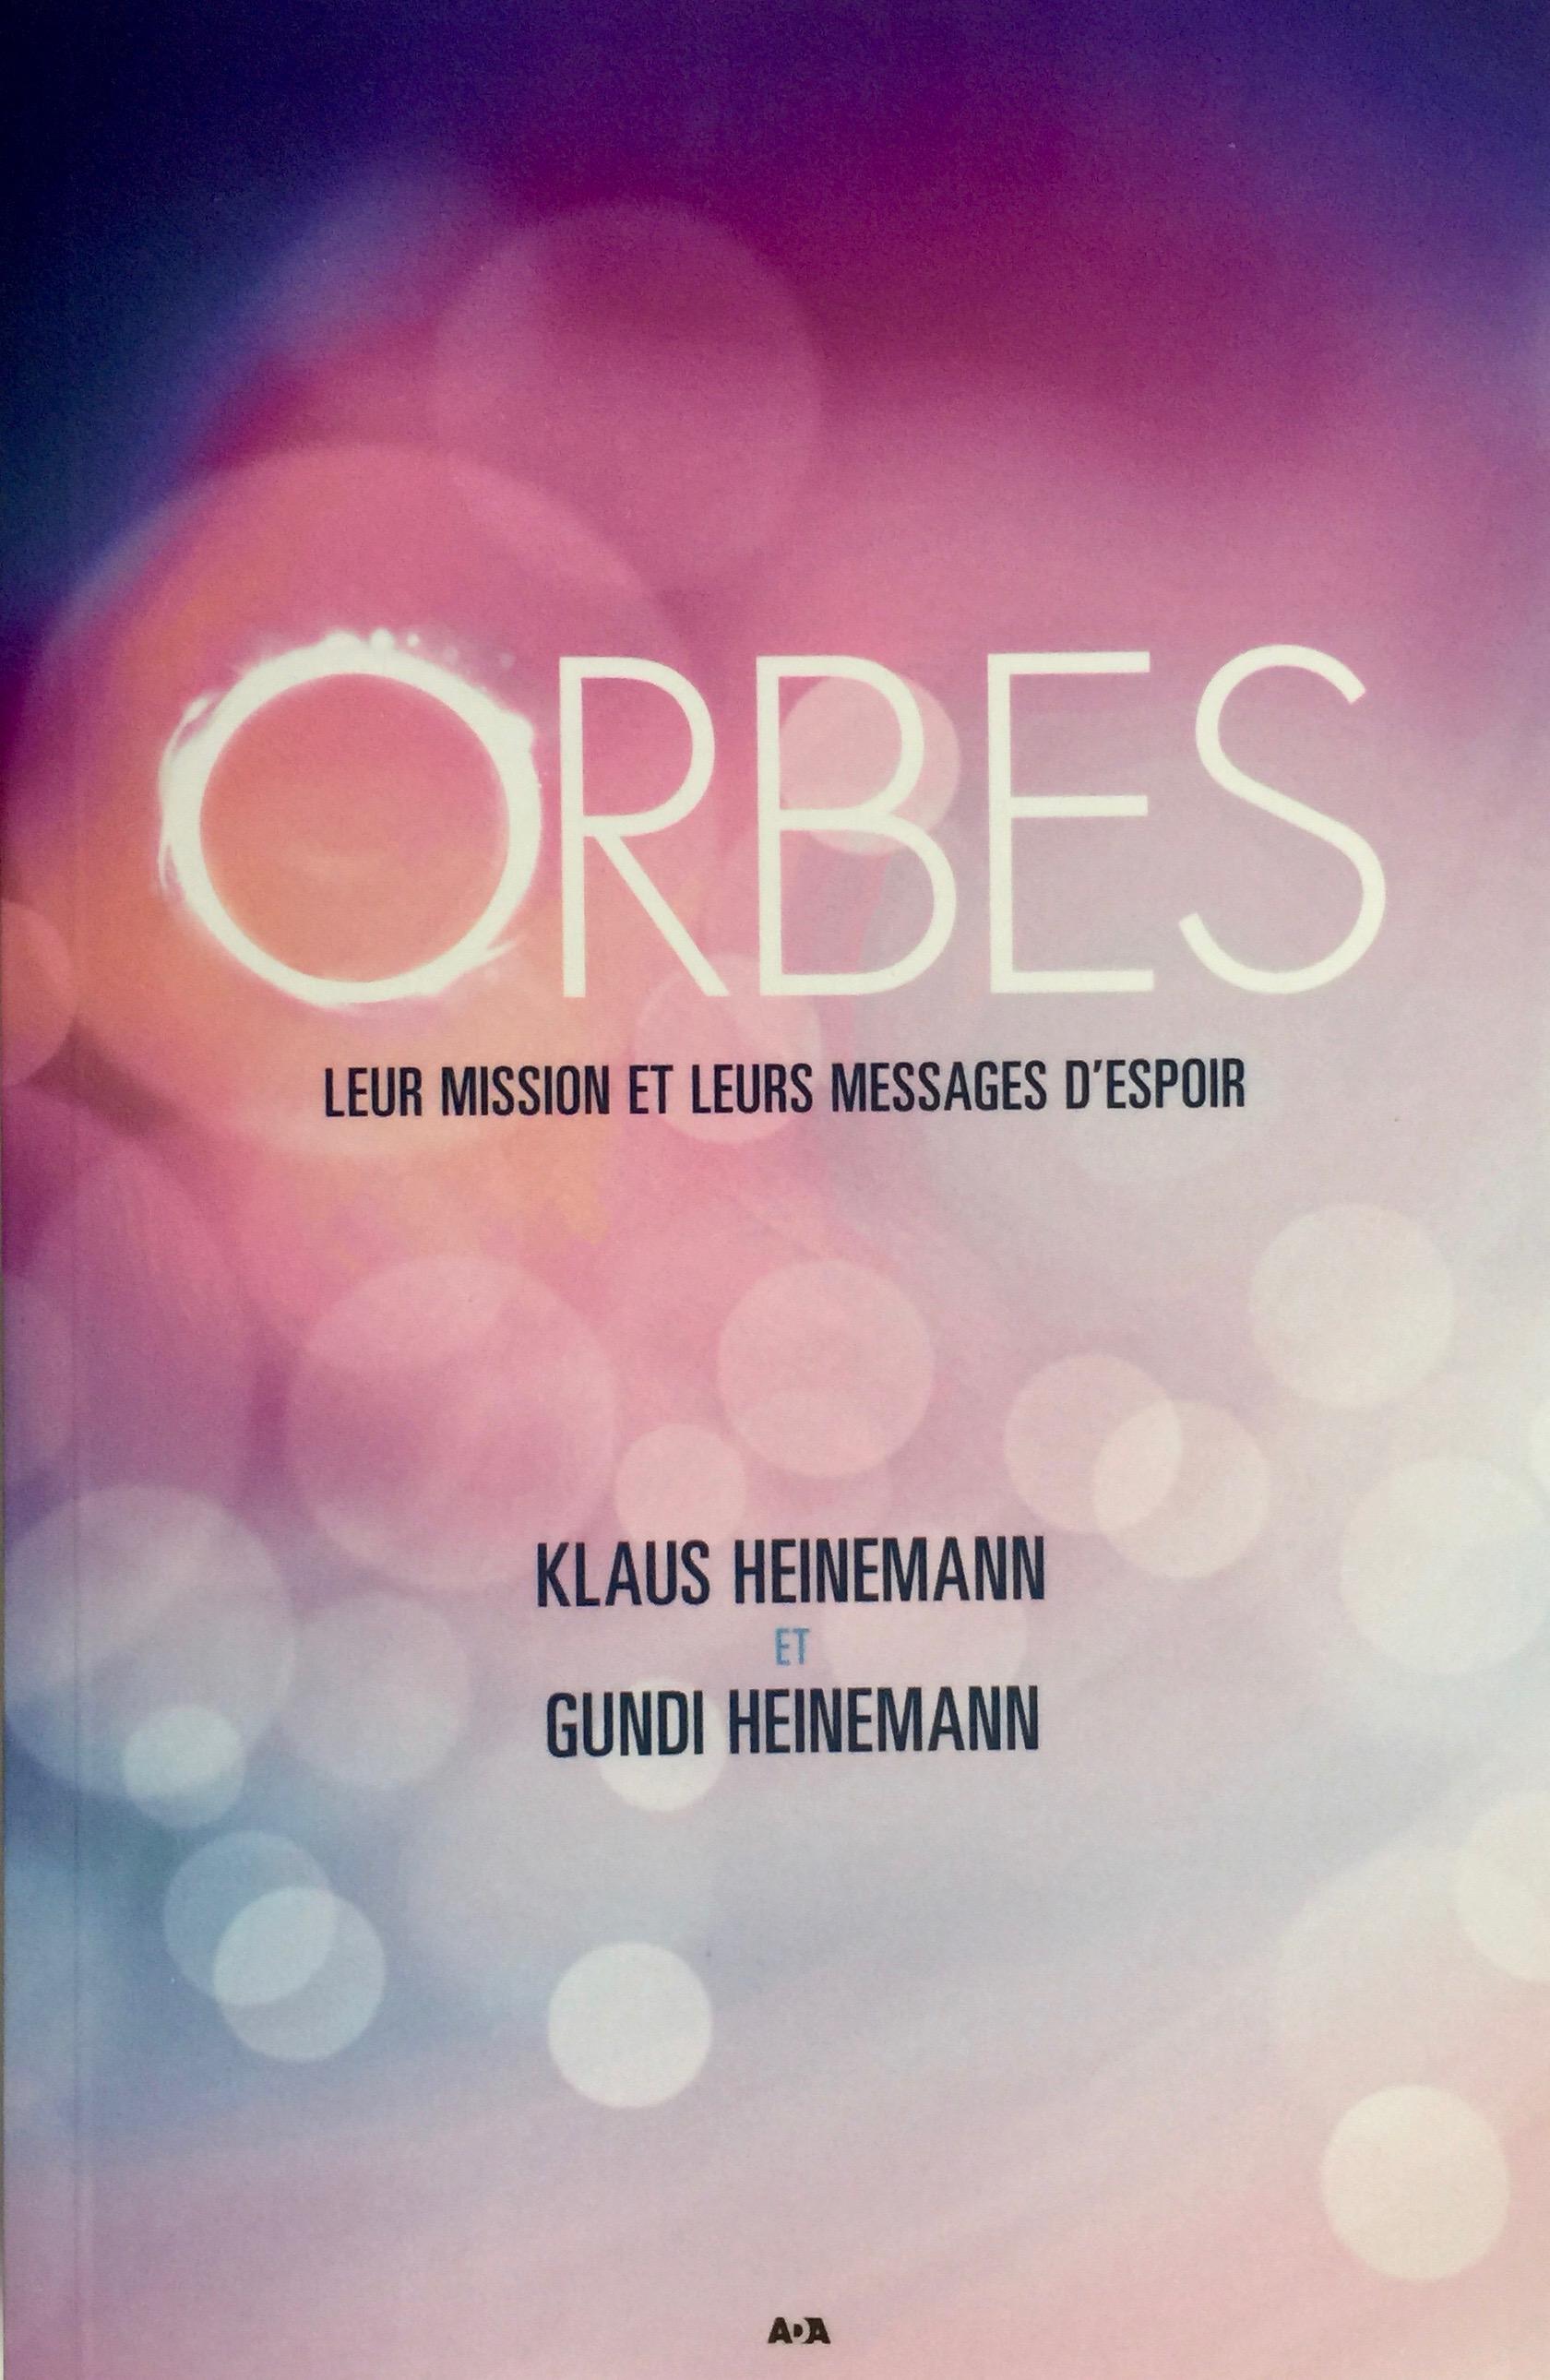 French edition:  Orbes, leur mission et leurs messages d'espoir,  Editions AdA, Canada, France, Suisse, Belgique, (ISBN978-2-89767-590-5; 2016)